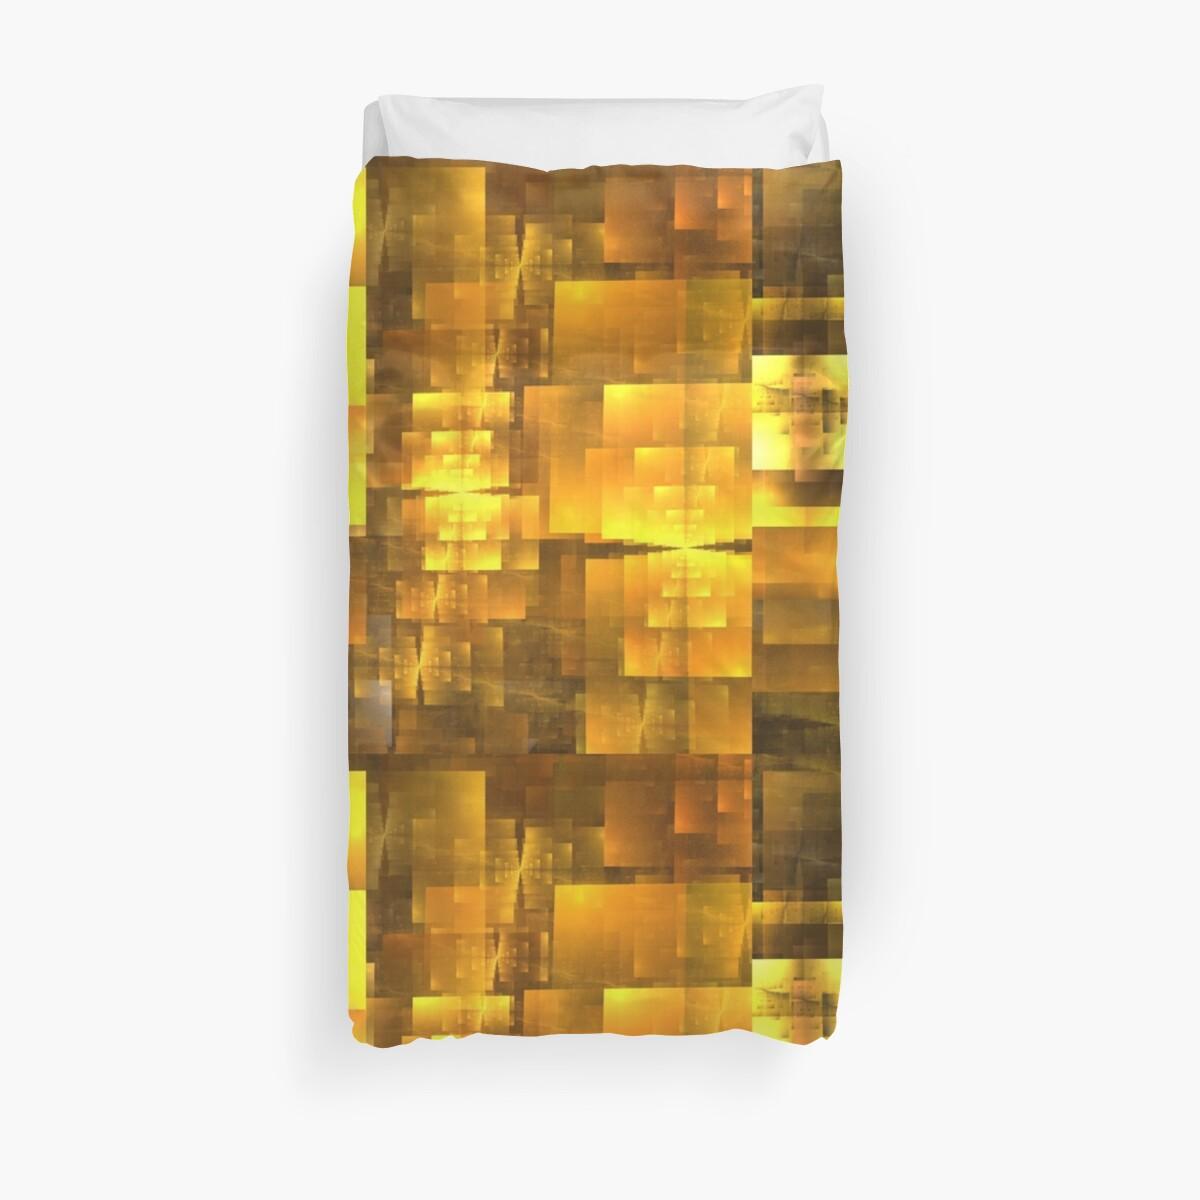 Golden Orange Cubist by KimSyOk